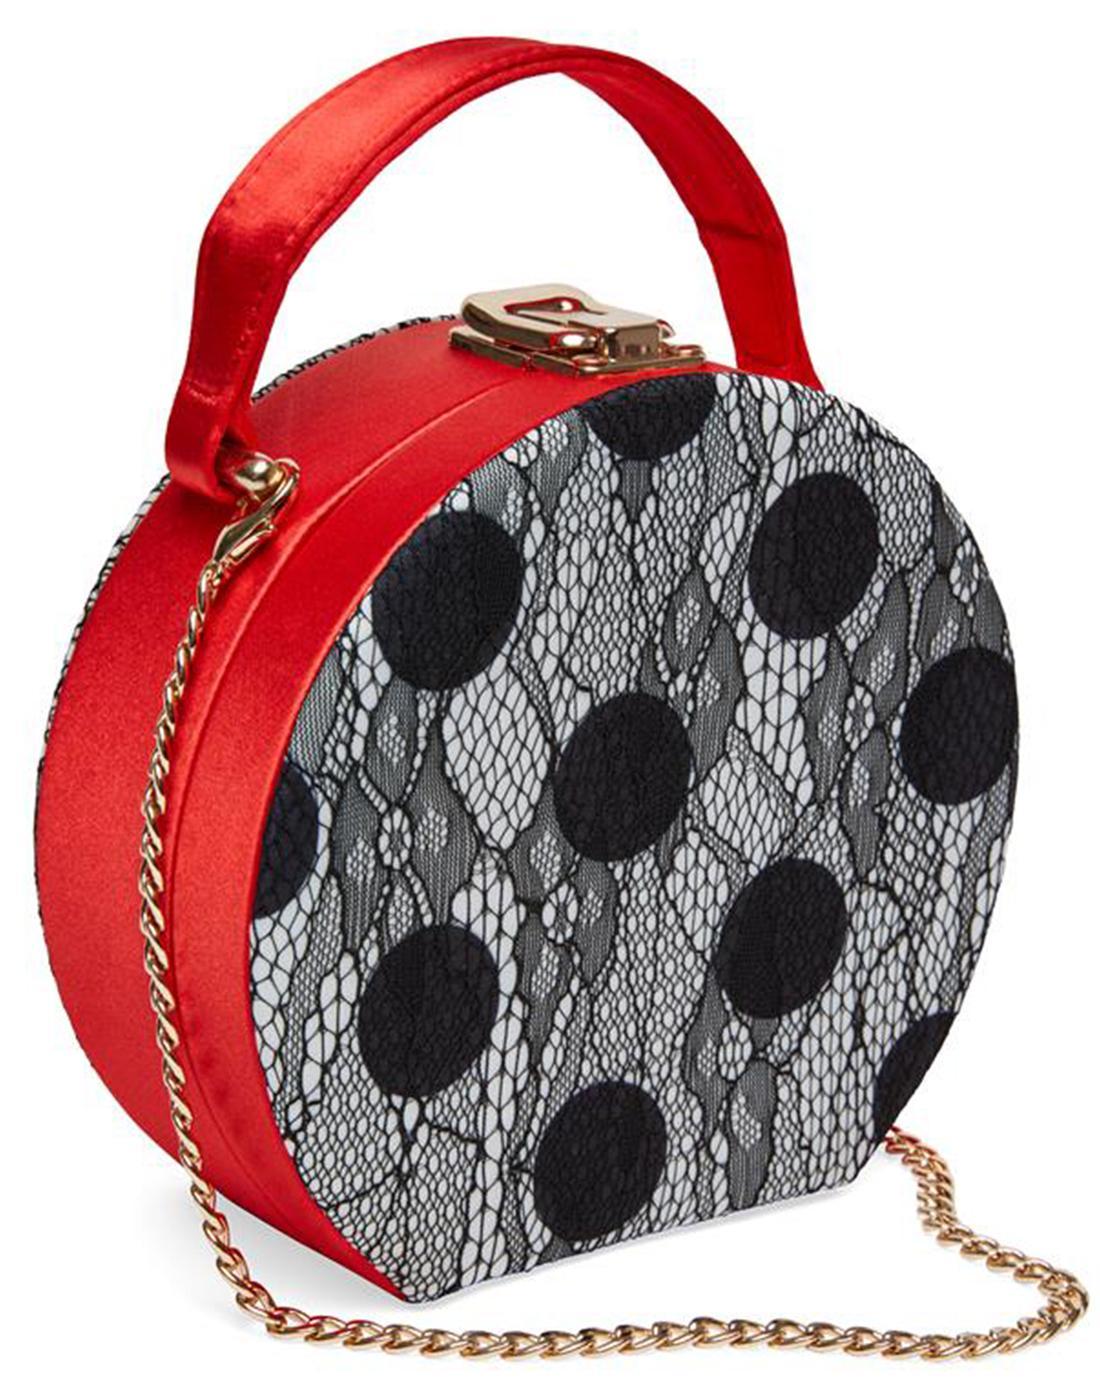 Cordelia JOE BROWNS Retro 1950's Lace Floral Bag